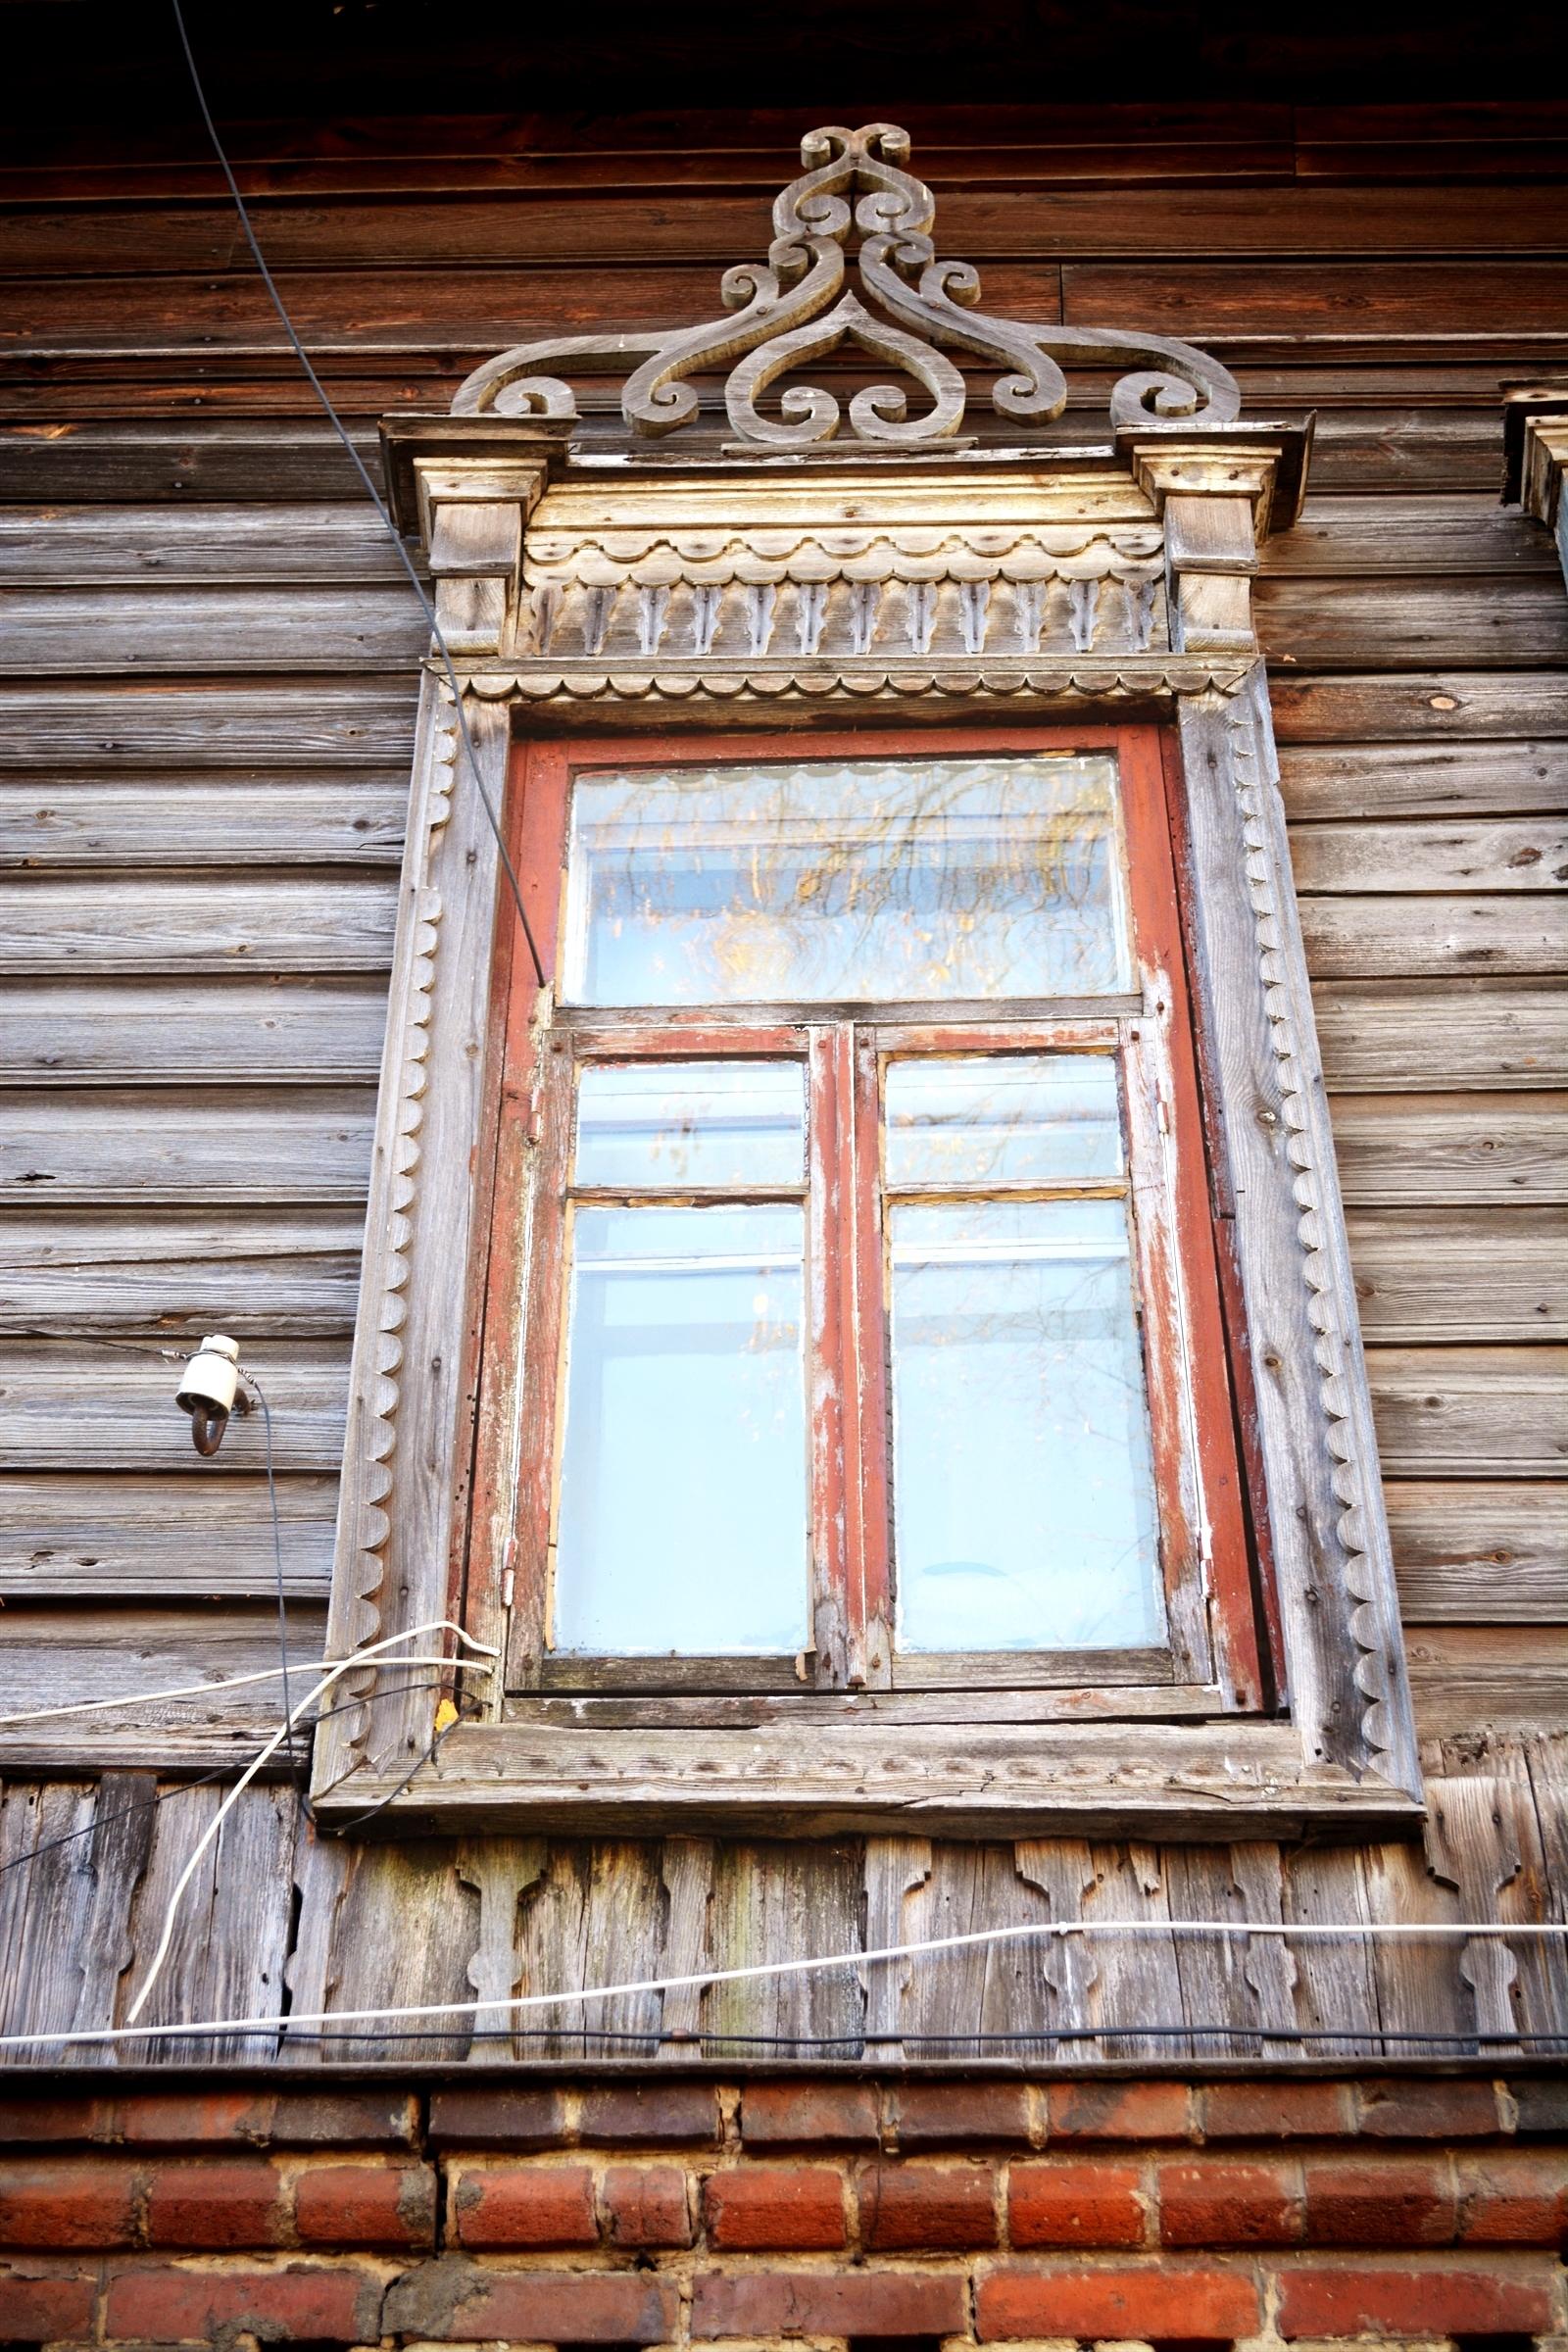 GFRANQ_ELENA_MARKOVSKAYA_67301007_2400.jpg